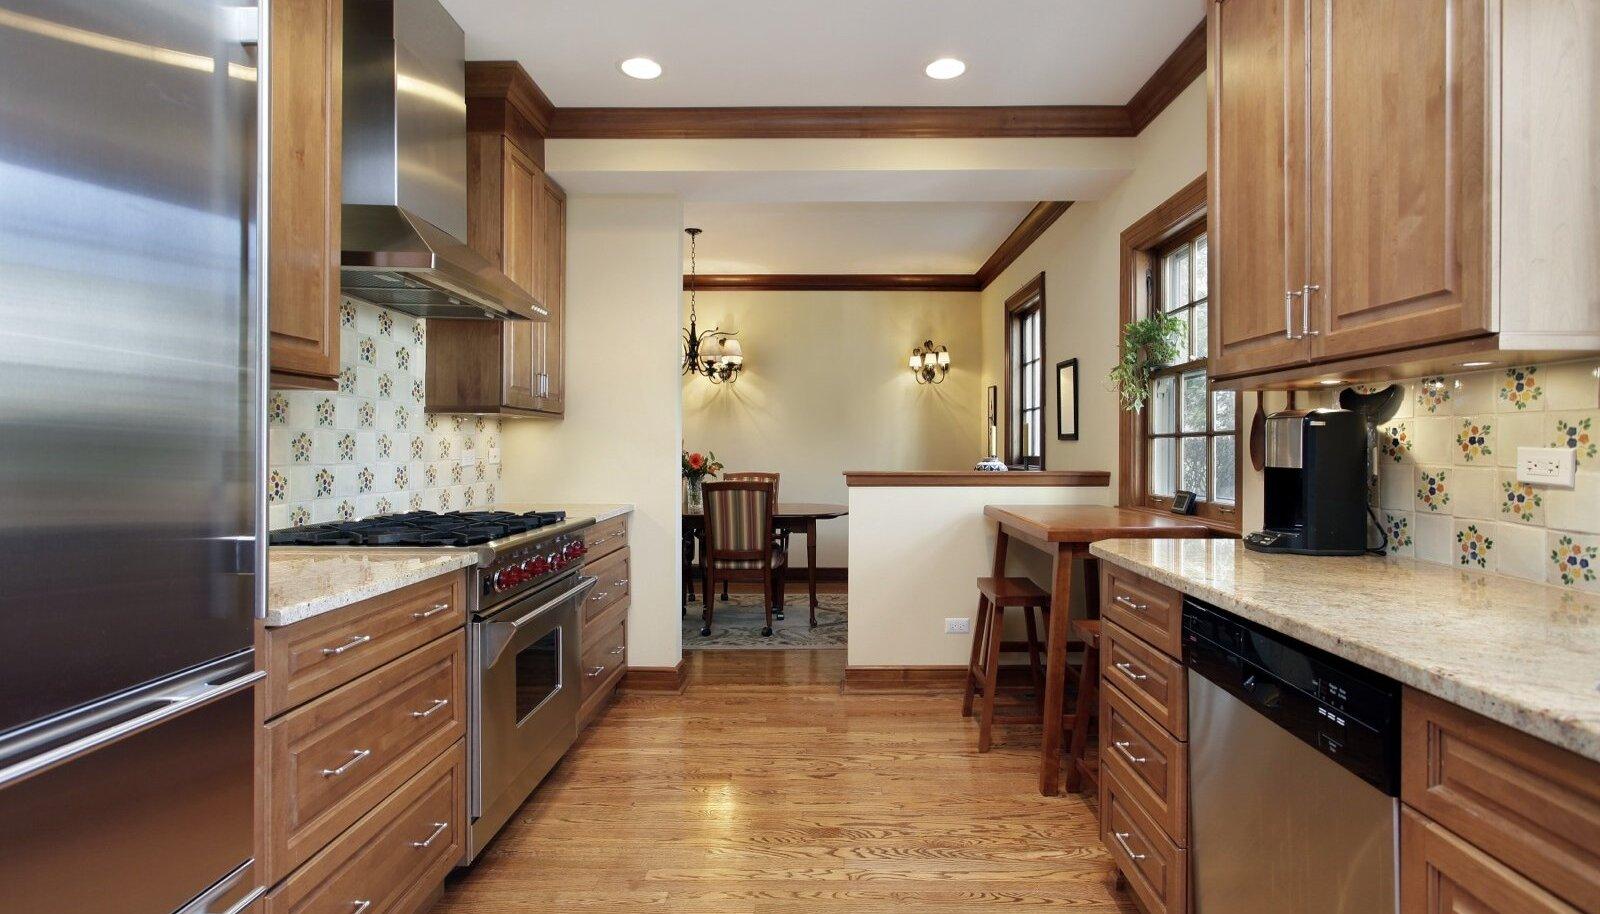 Kauni tekstuuriga vastupidav tammepuit sobib suurepäraselt mööbli valmistamiseks ja põrandaks.